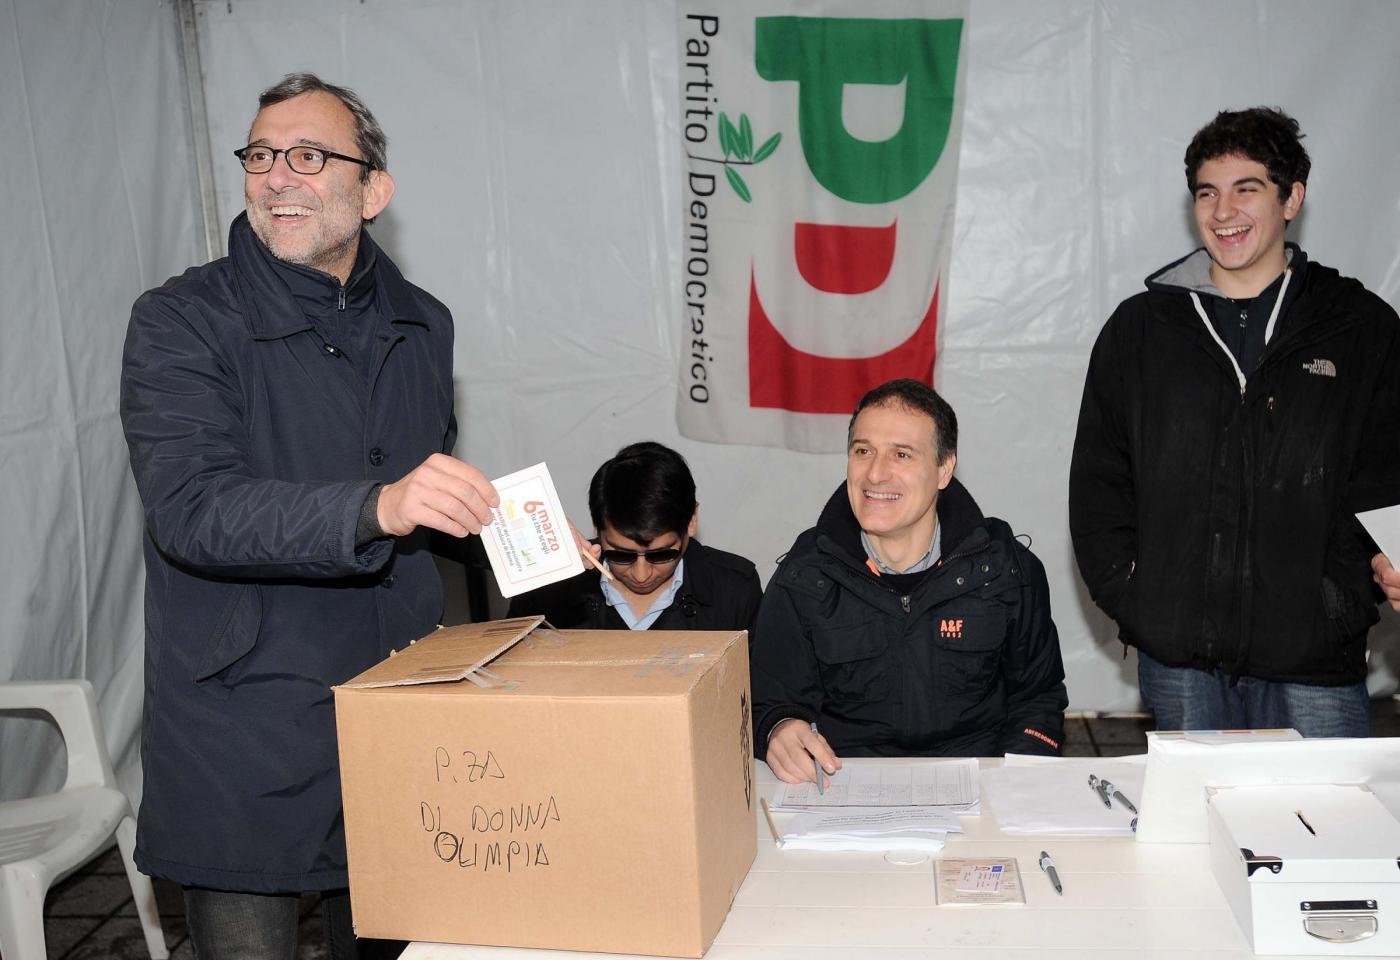 Primarie del centrosinistra per l'elezione del sindaco di Roma